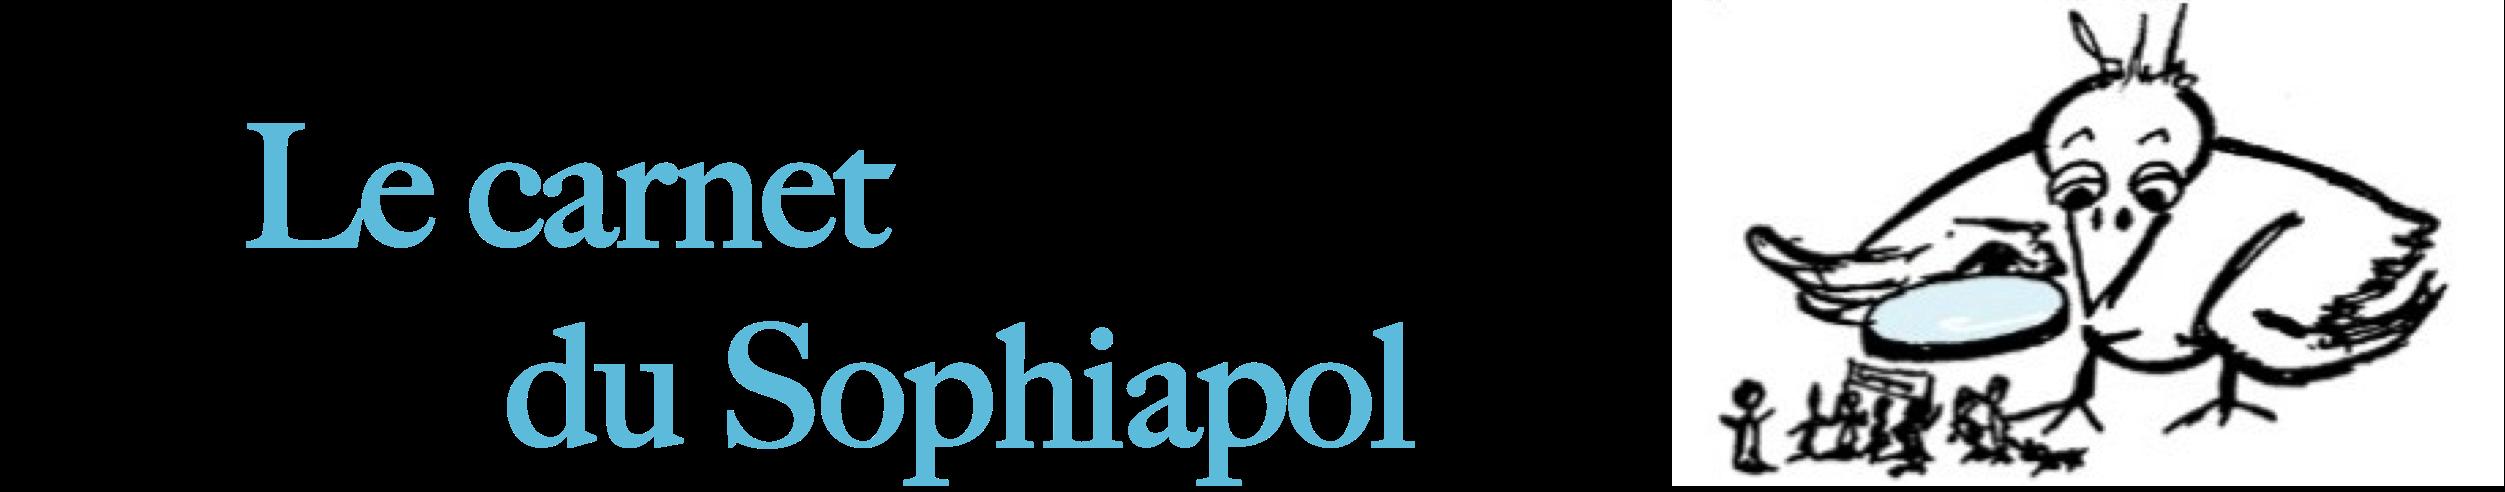 Carnet du Sophiapol